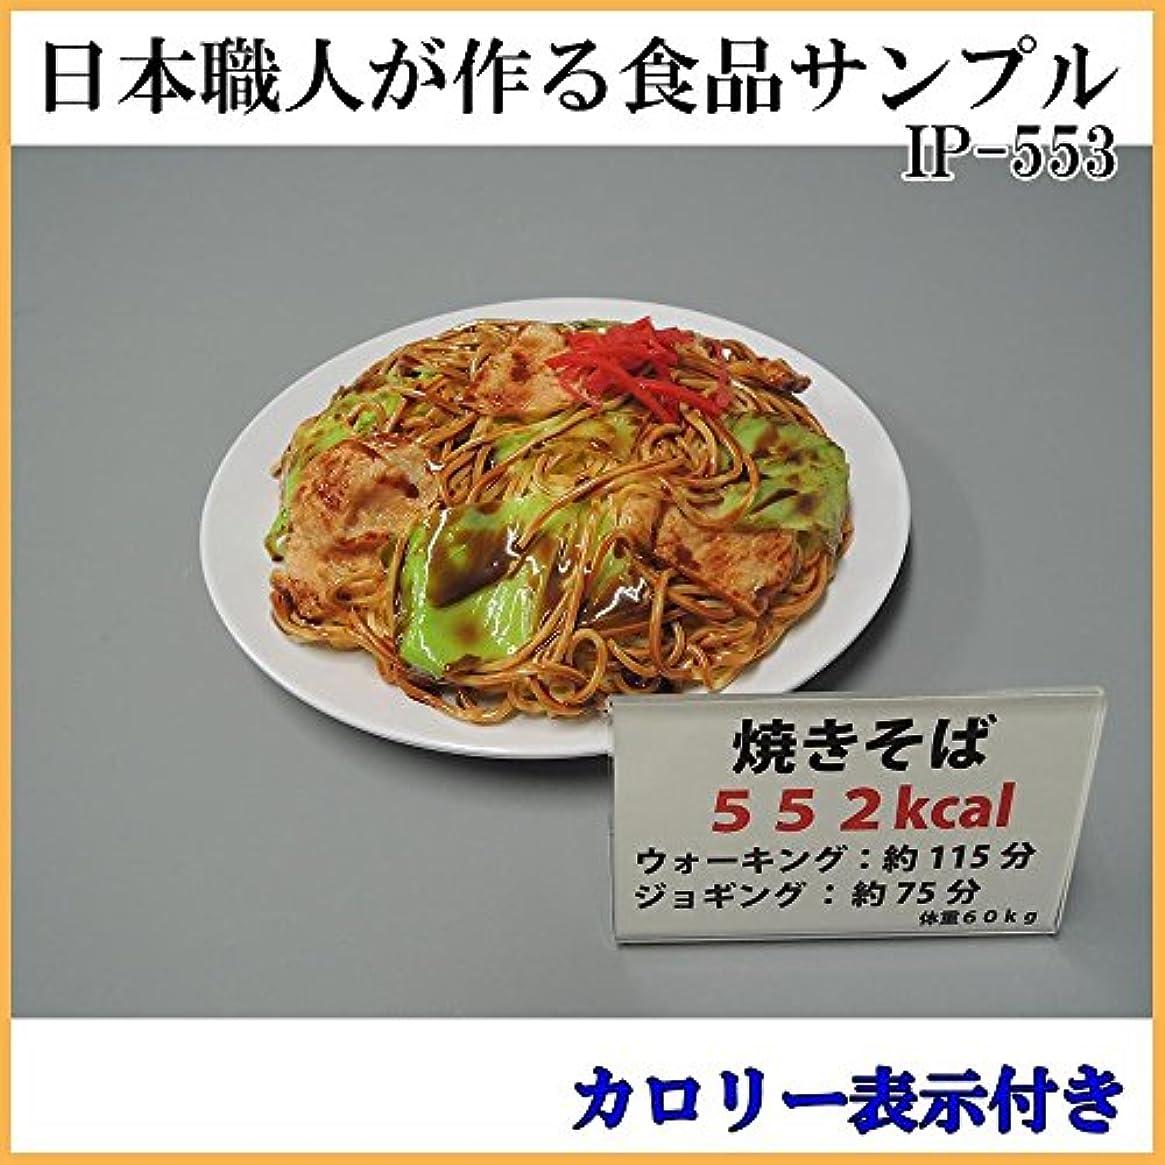 発送窒息させるリード日本職人が作る 食品サンプル カロリー表示付き 焼きそば IP-553